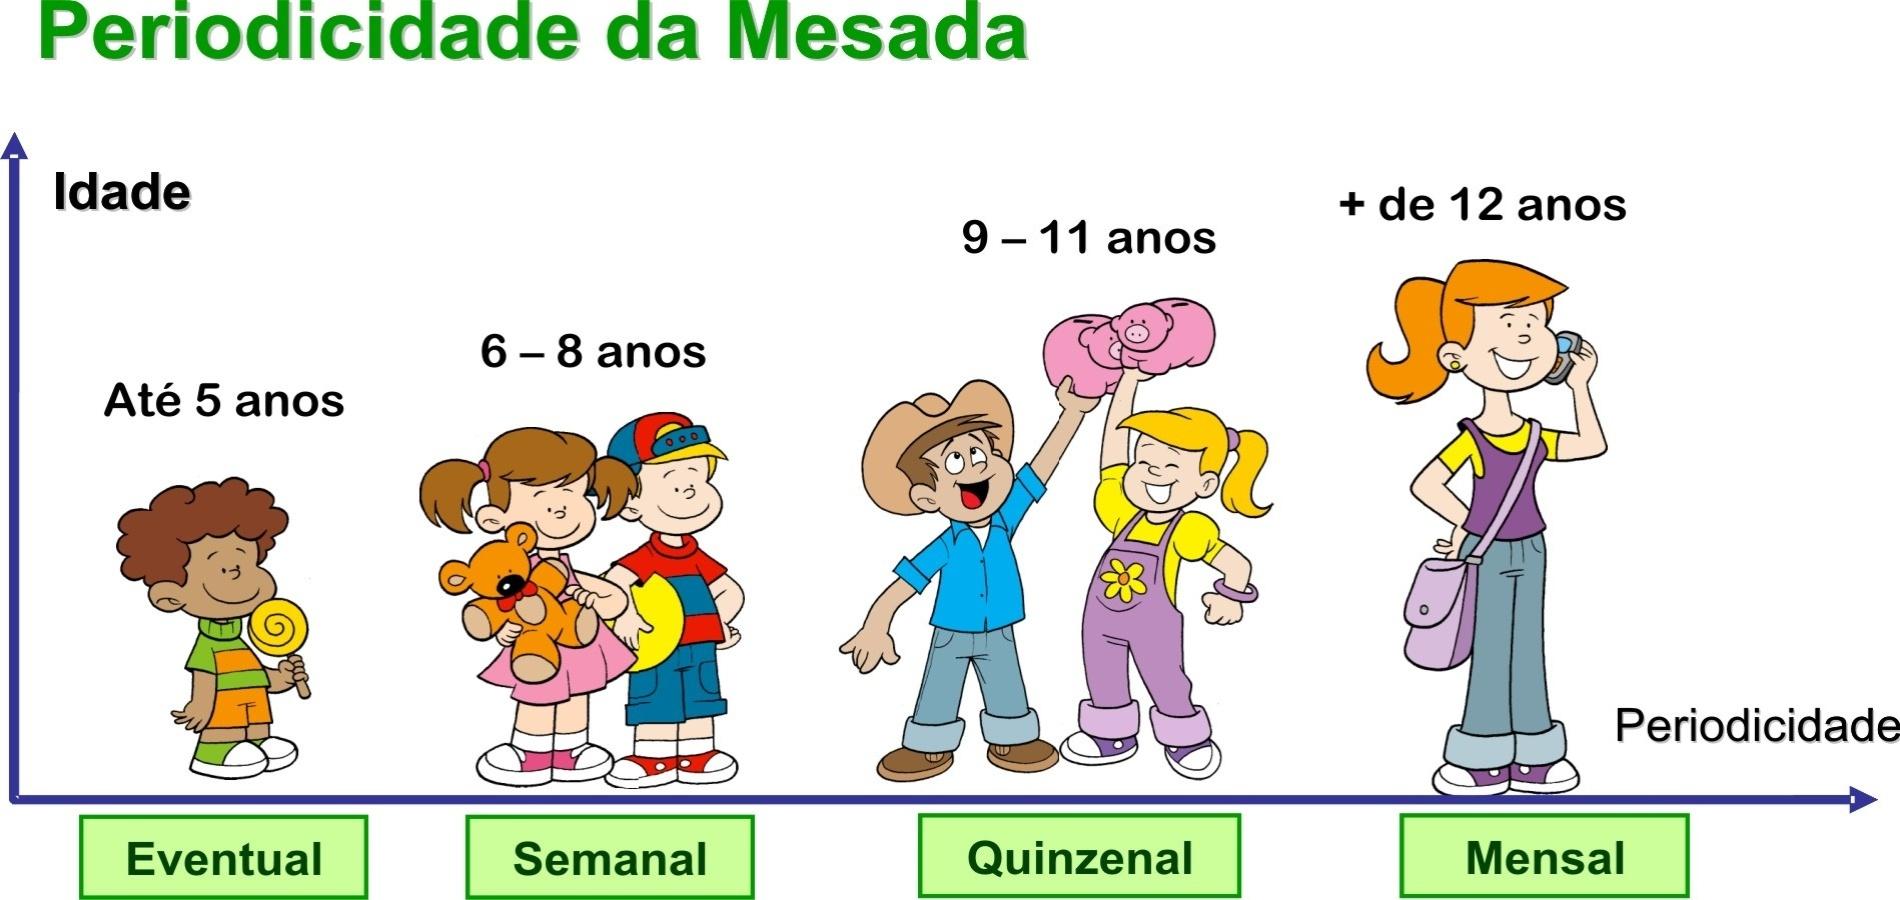 6e365fb5c83 Especialista ensina como dar mesadas para os filhos